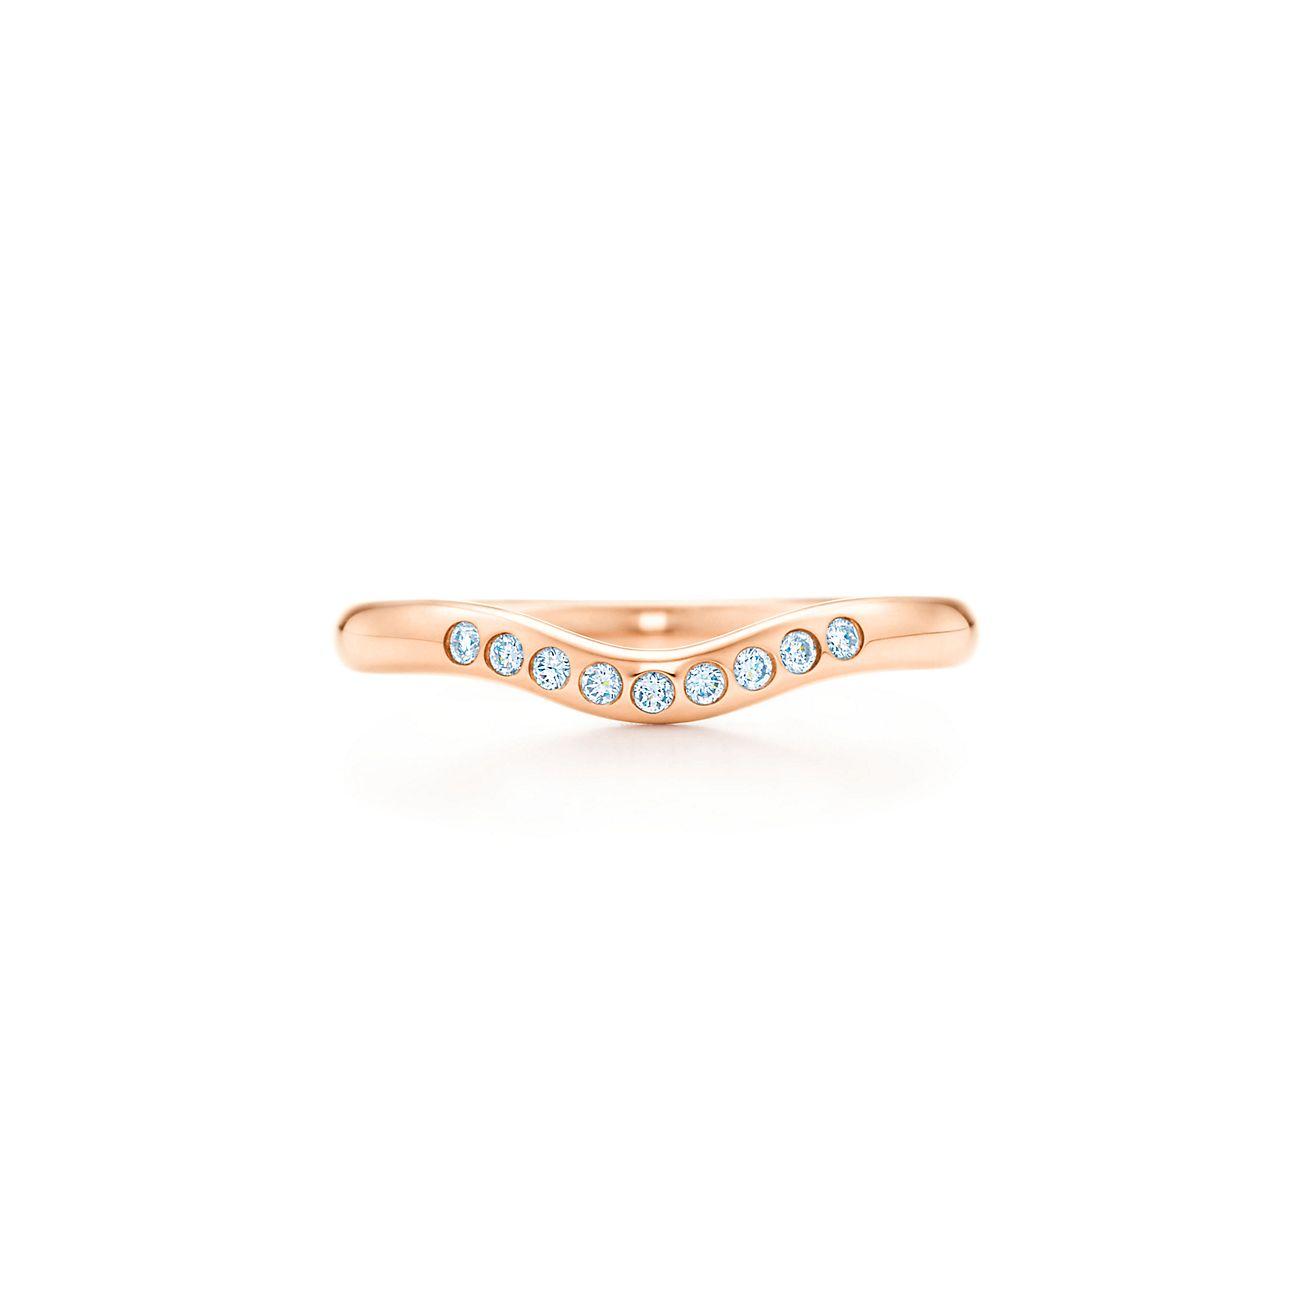 Elsa Peretti Anillo De Banda De La Boda Con Un Diamante En 18k De Oro Rosa, 2 Mm De Ancho - Tamaño 9 1/2 Tiffany & Co.